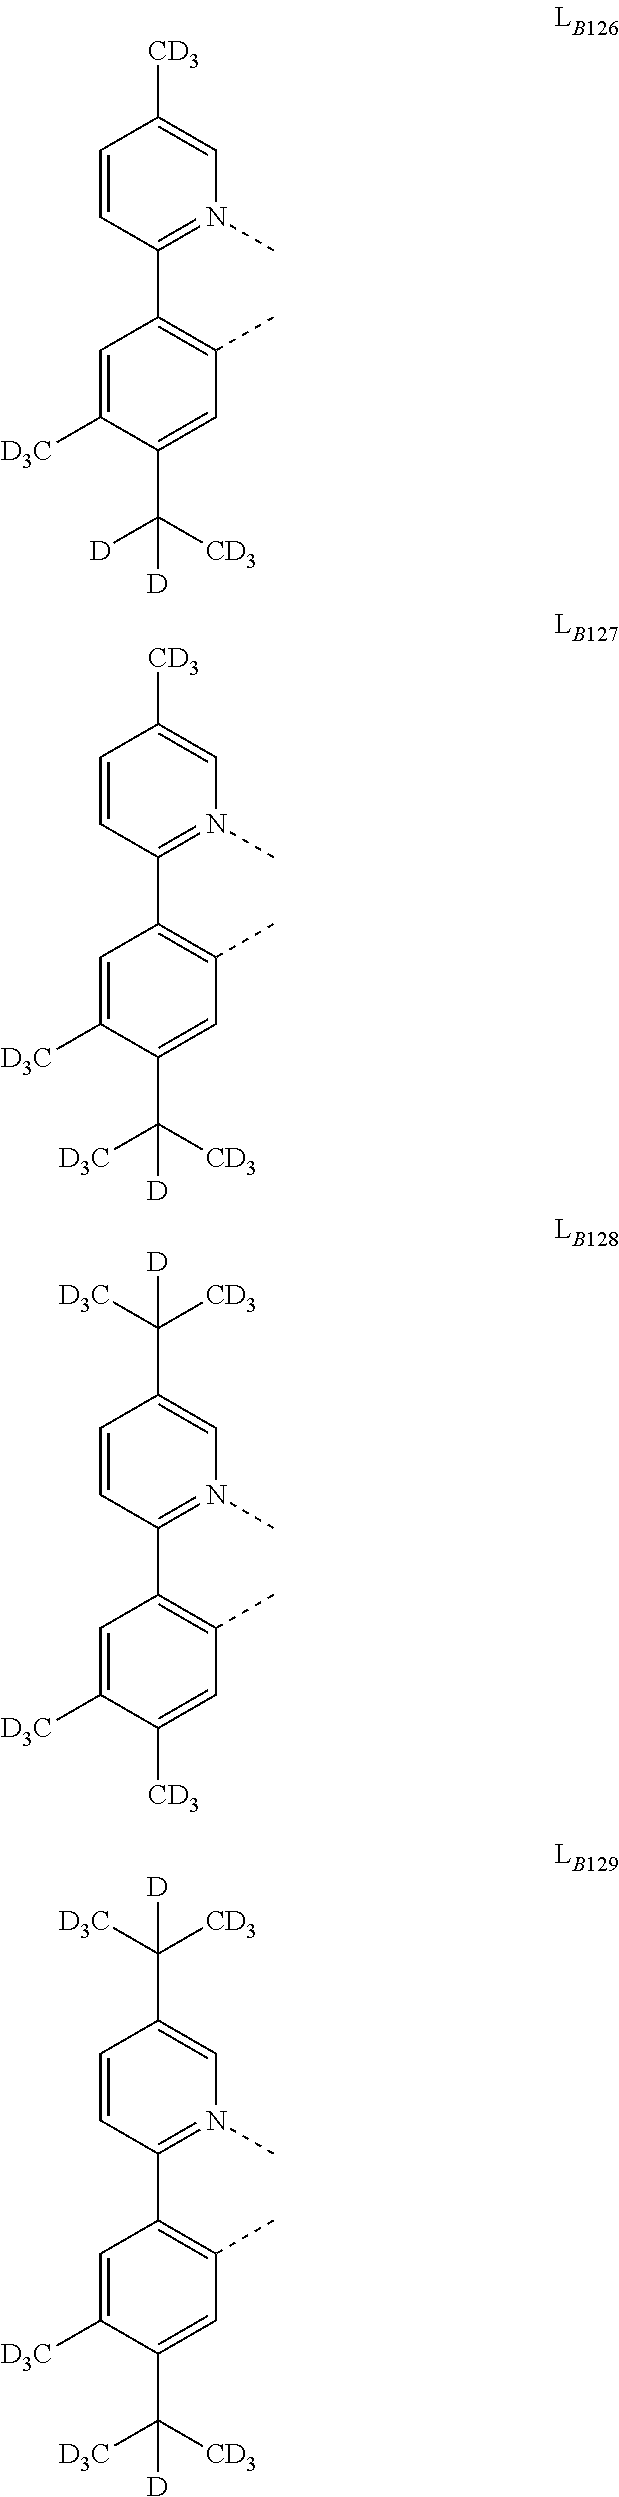 Figure US20180130962A1-20180510-C00090